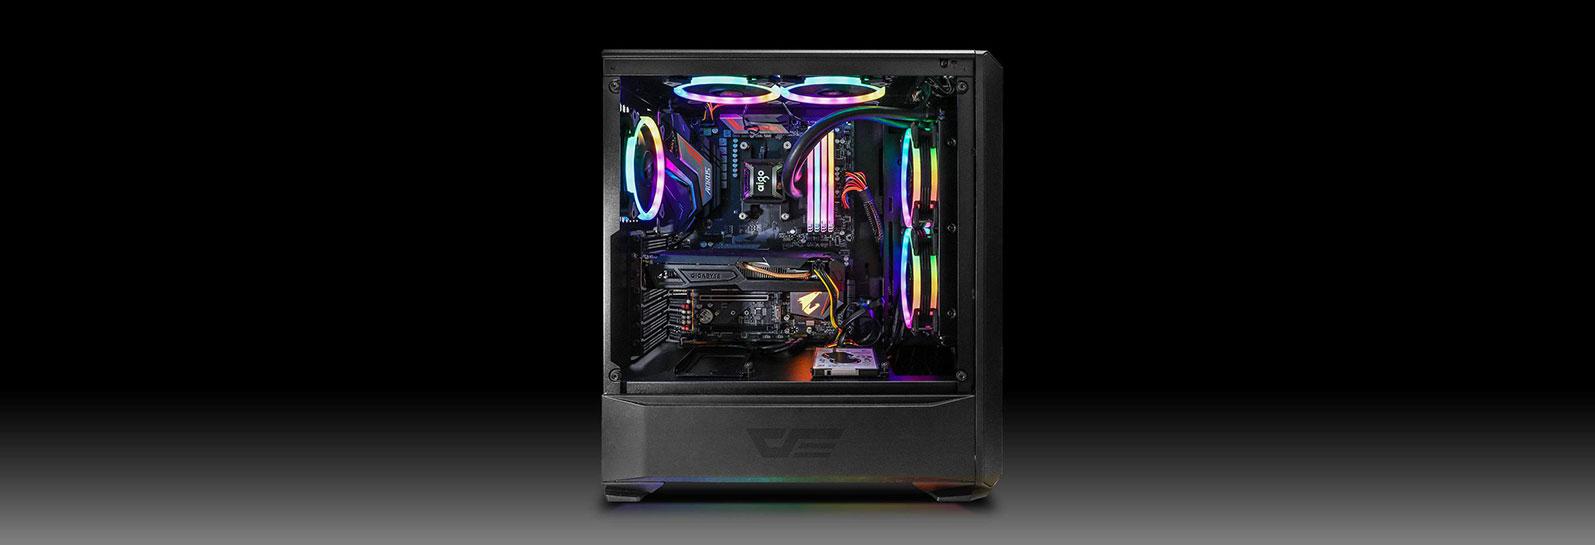 عکس سر صفحه مقاله بهترین کامپیوتر دسکتاپ